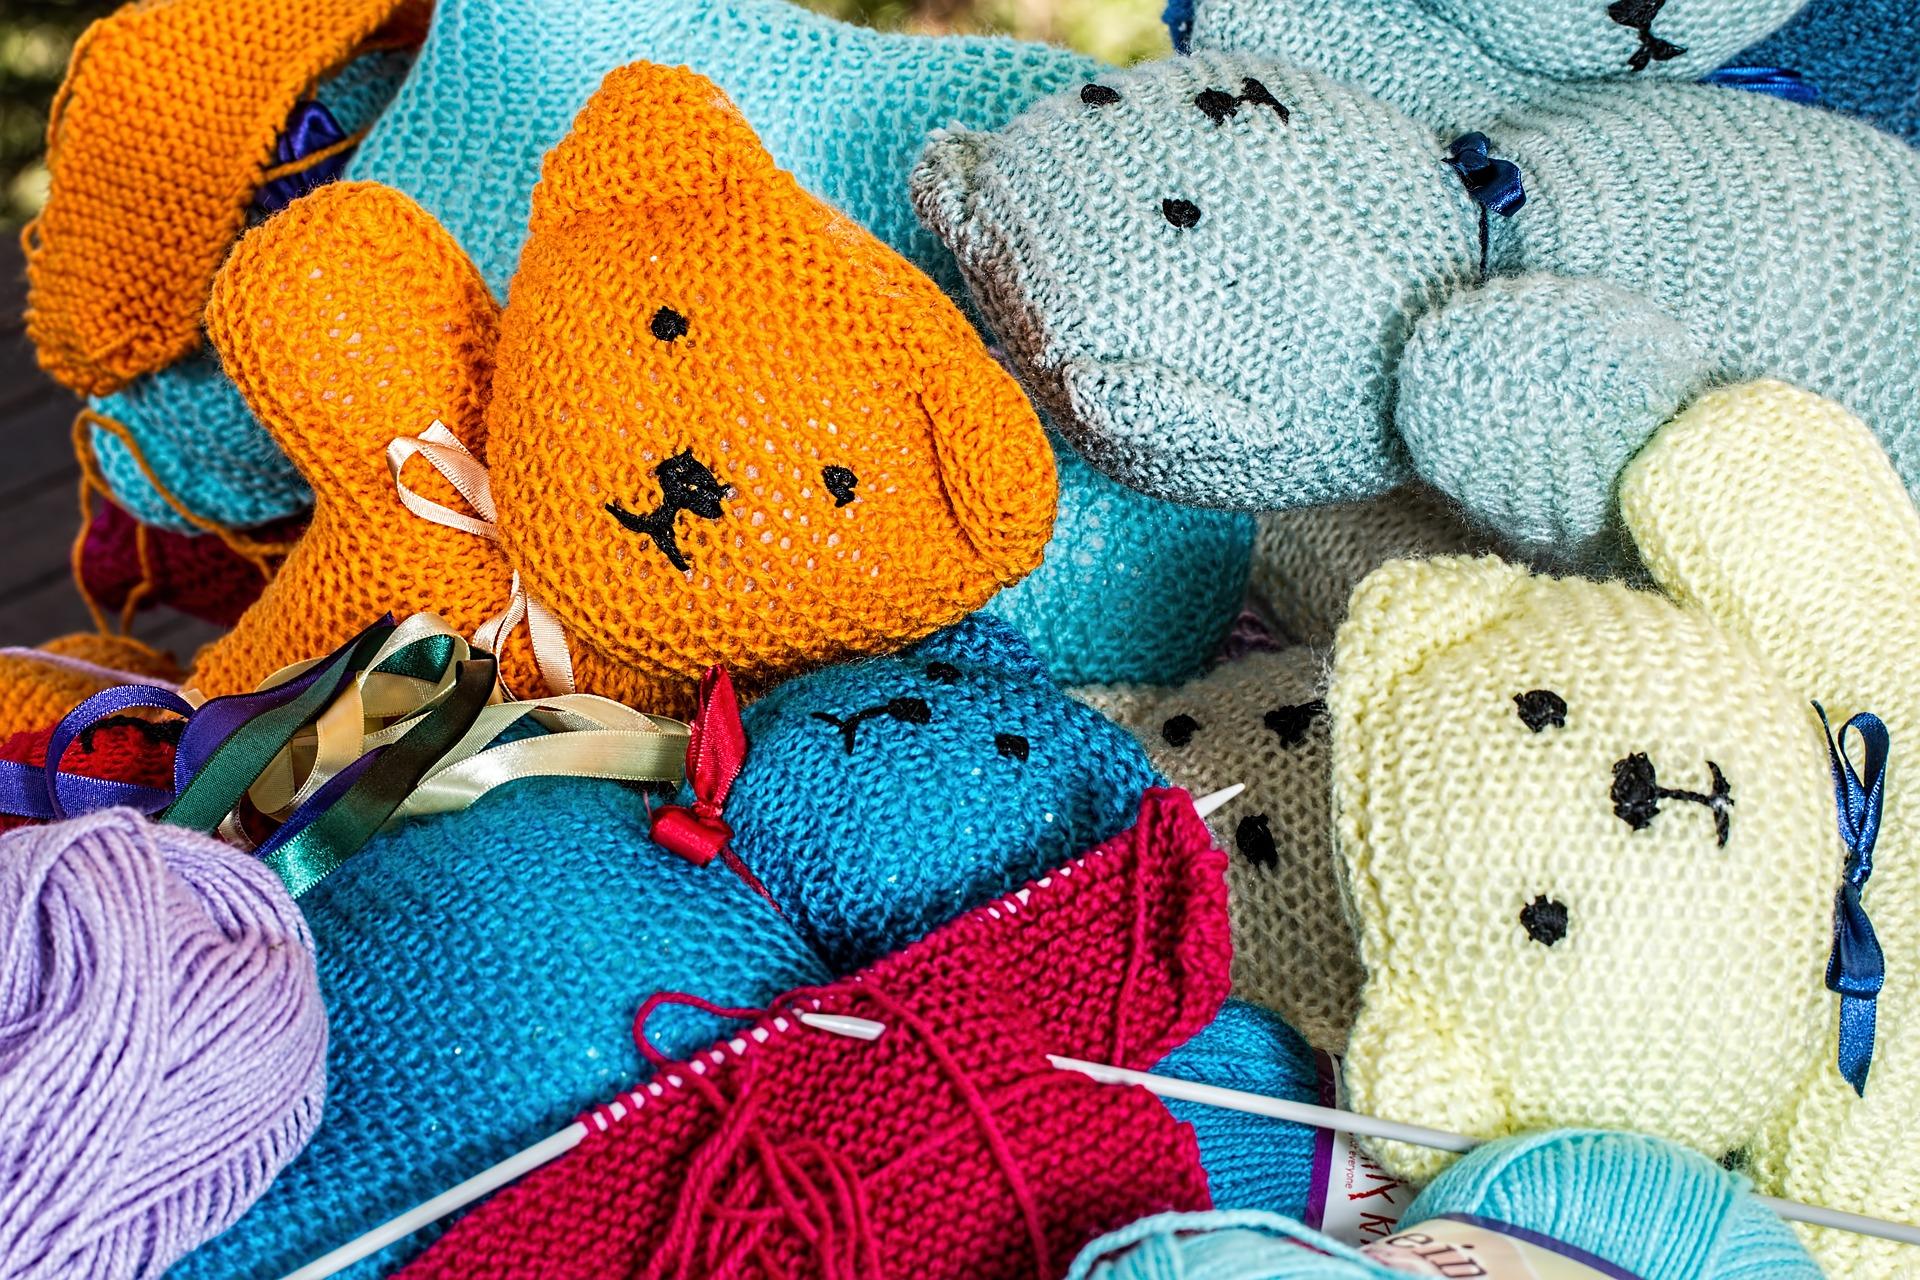 Knitting stuffed animals